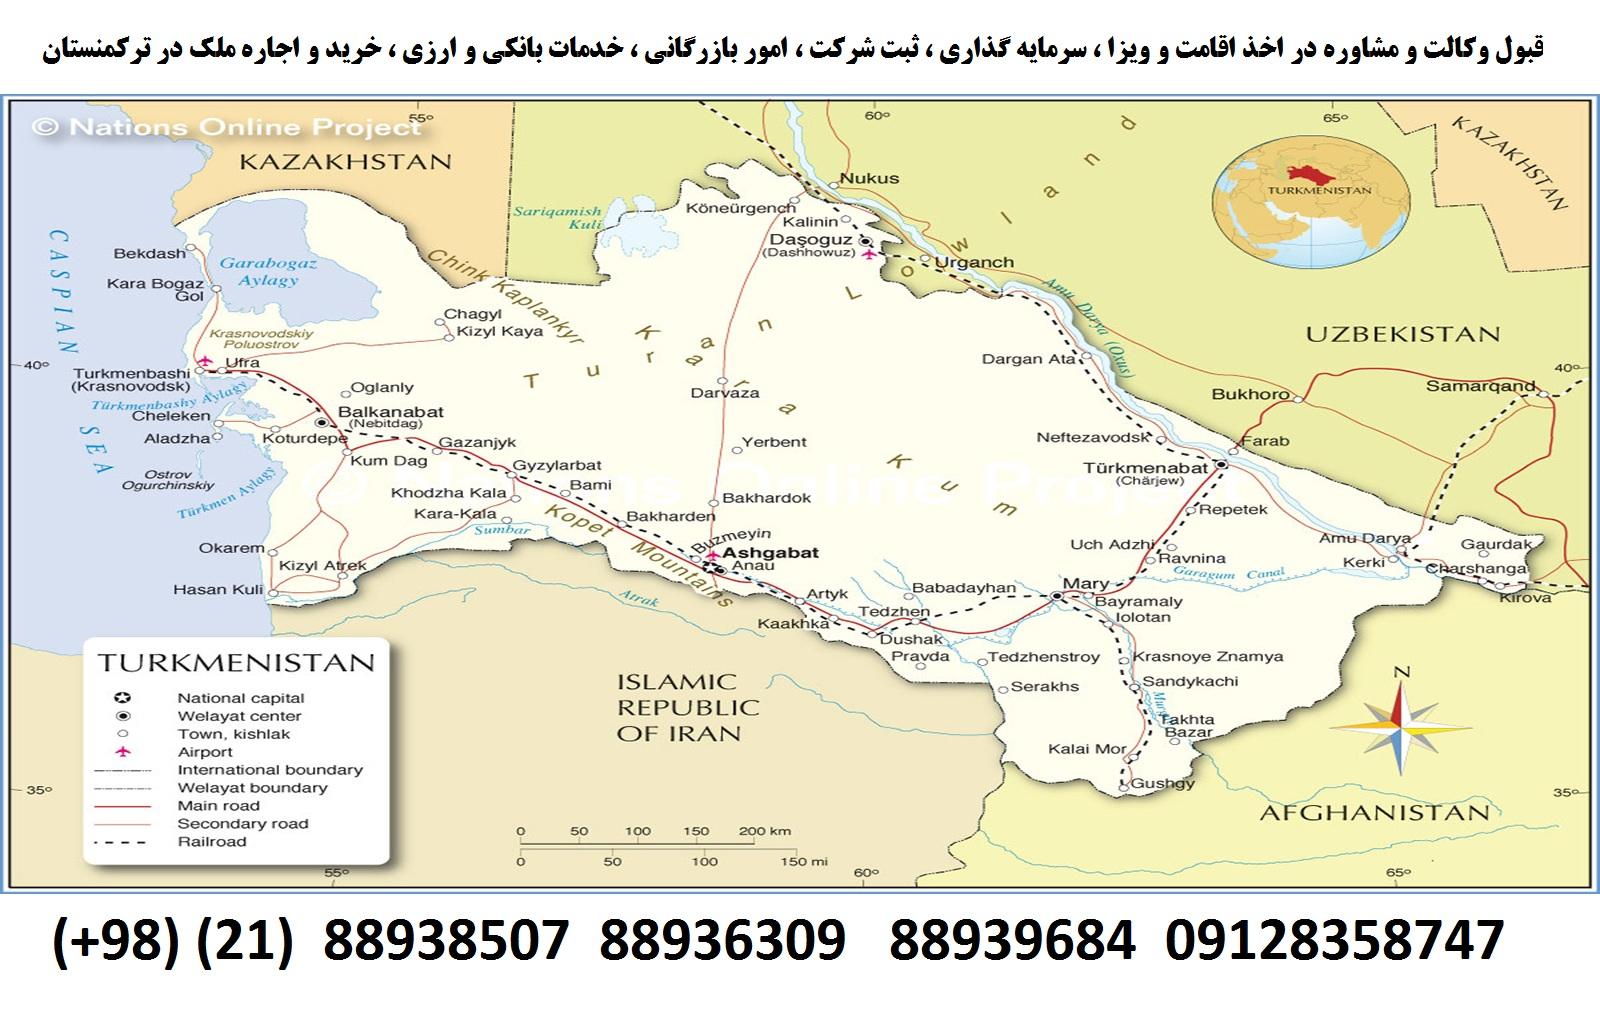 اقامت ، ویزا ، ثبت شرکت ، سرمایه گذاری در ترکمنستان (2)